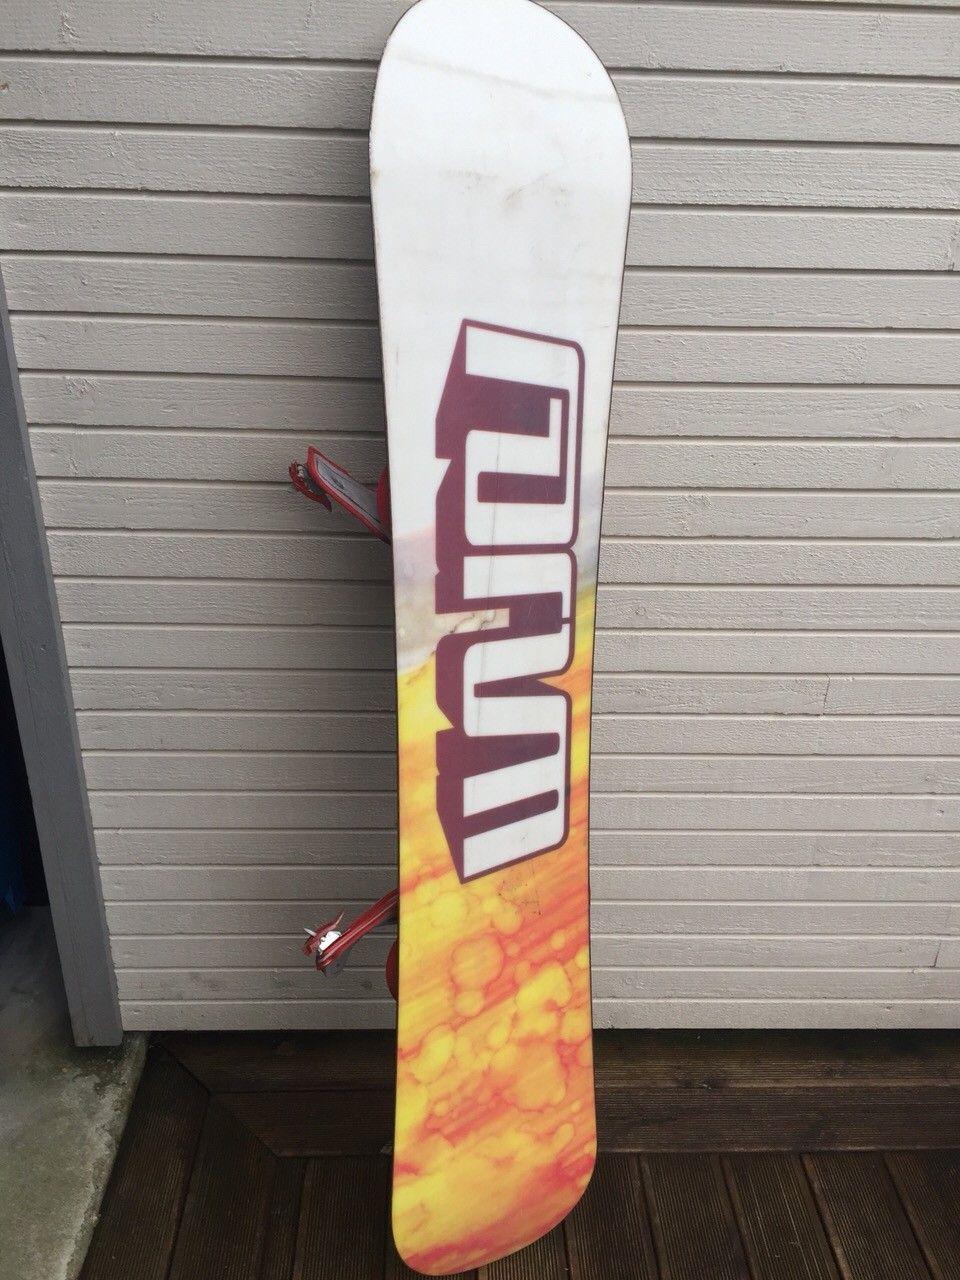 Forum Snowboard - Sandnes  - Forum snowboard 157cm. Brettet er godt brukt og trenger en runde med voksing, men har fremdeles mange gode år igjen.  Den ene tappen som brukes for å stramme en av bindingene er knukket, men den er fremdeles brukbar. - Sandnes